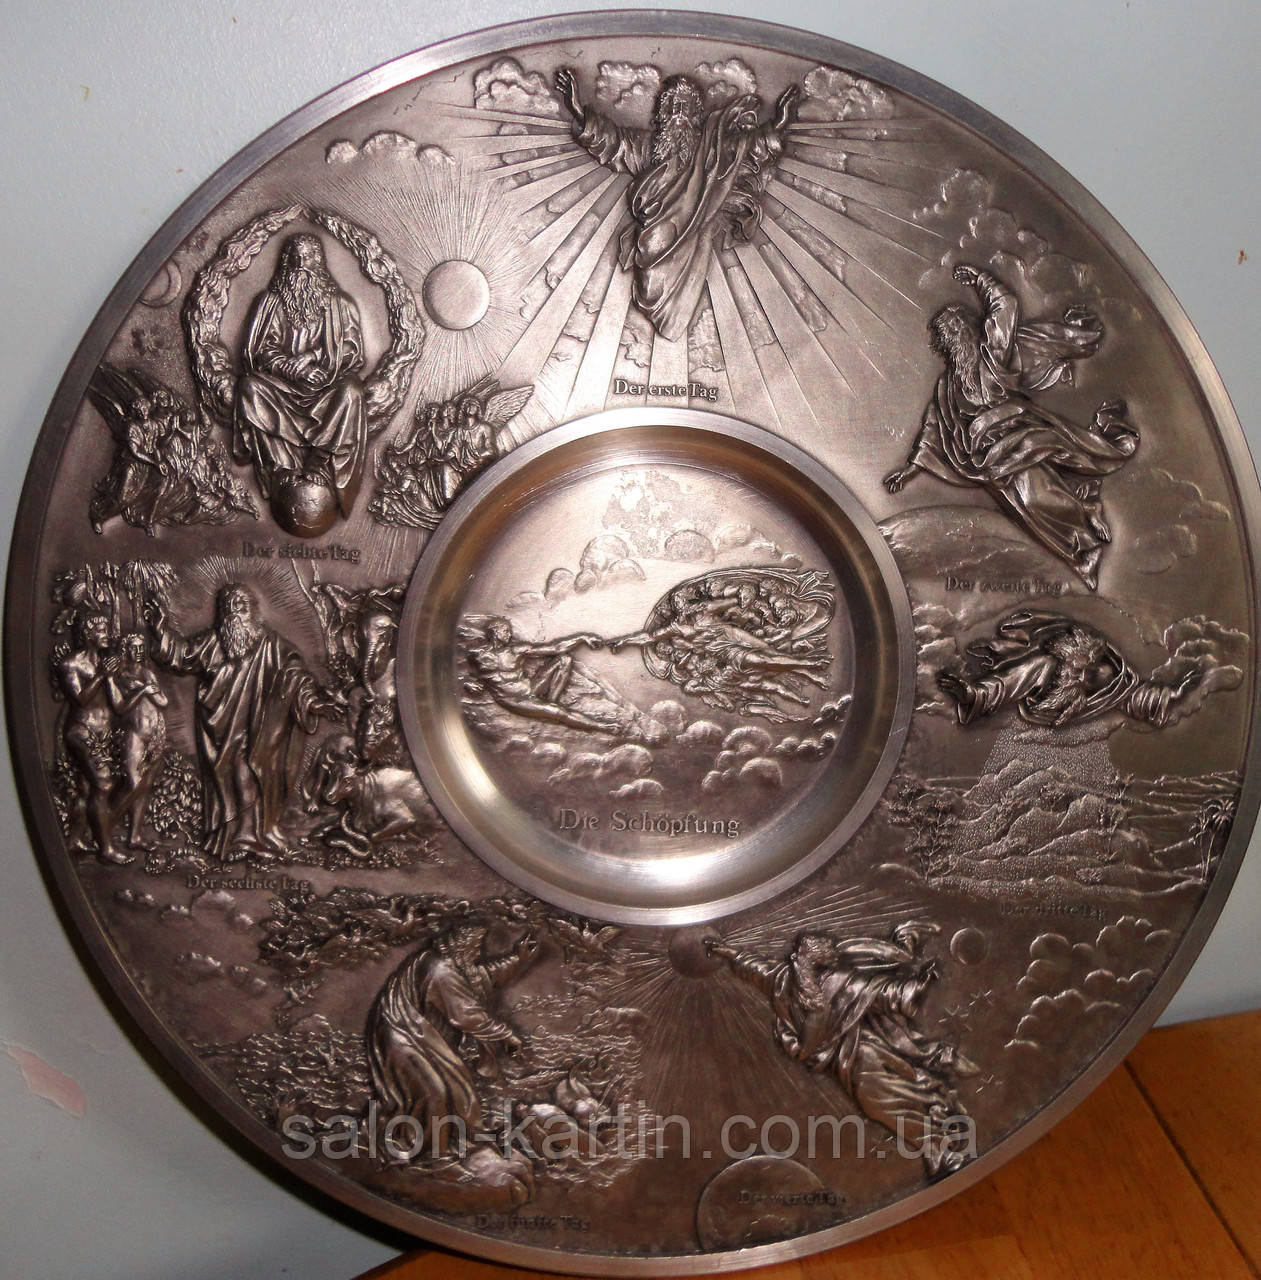 Оловянная настенная тарелка (SKS-ZINN 95% Германия)